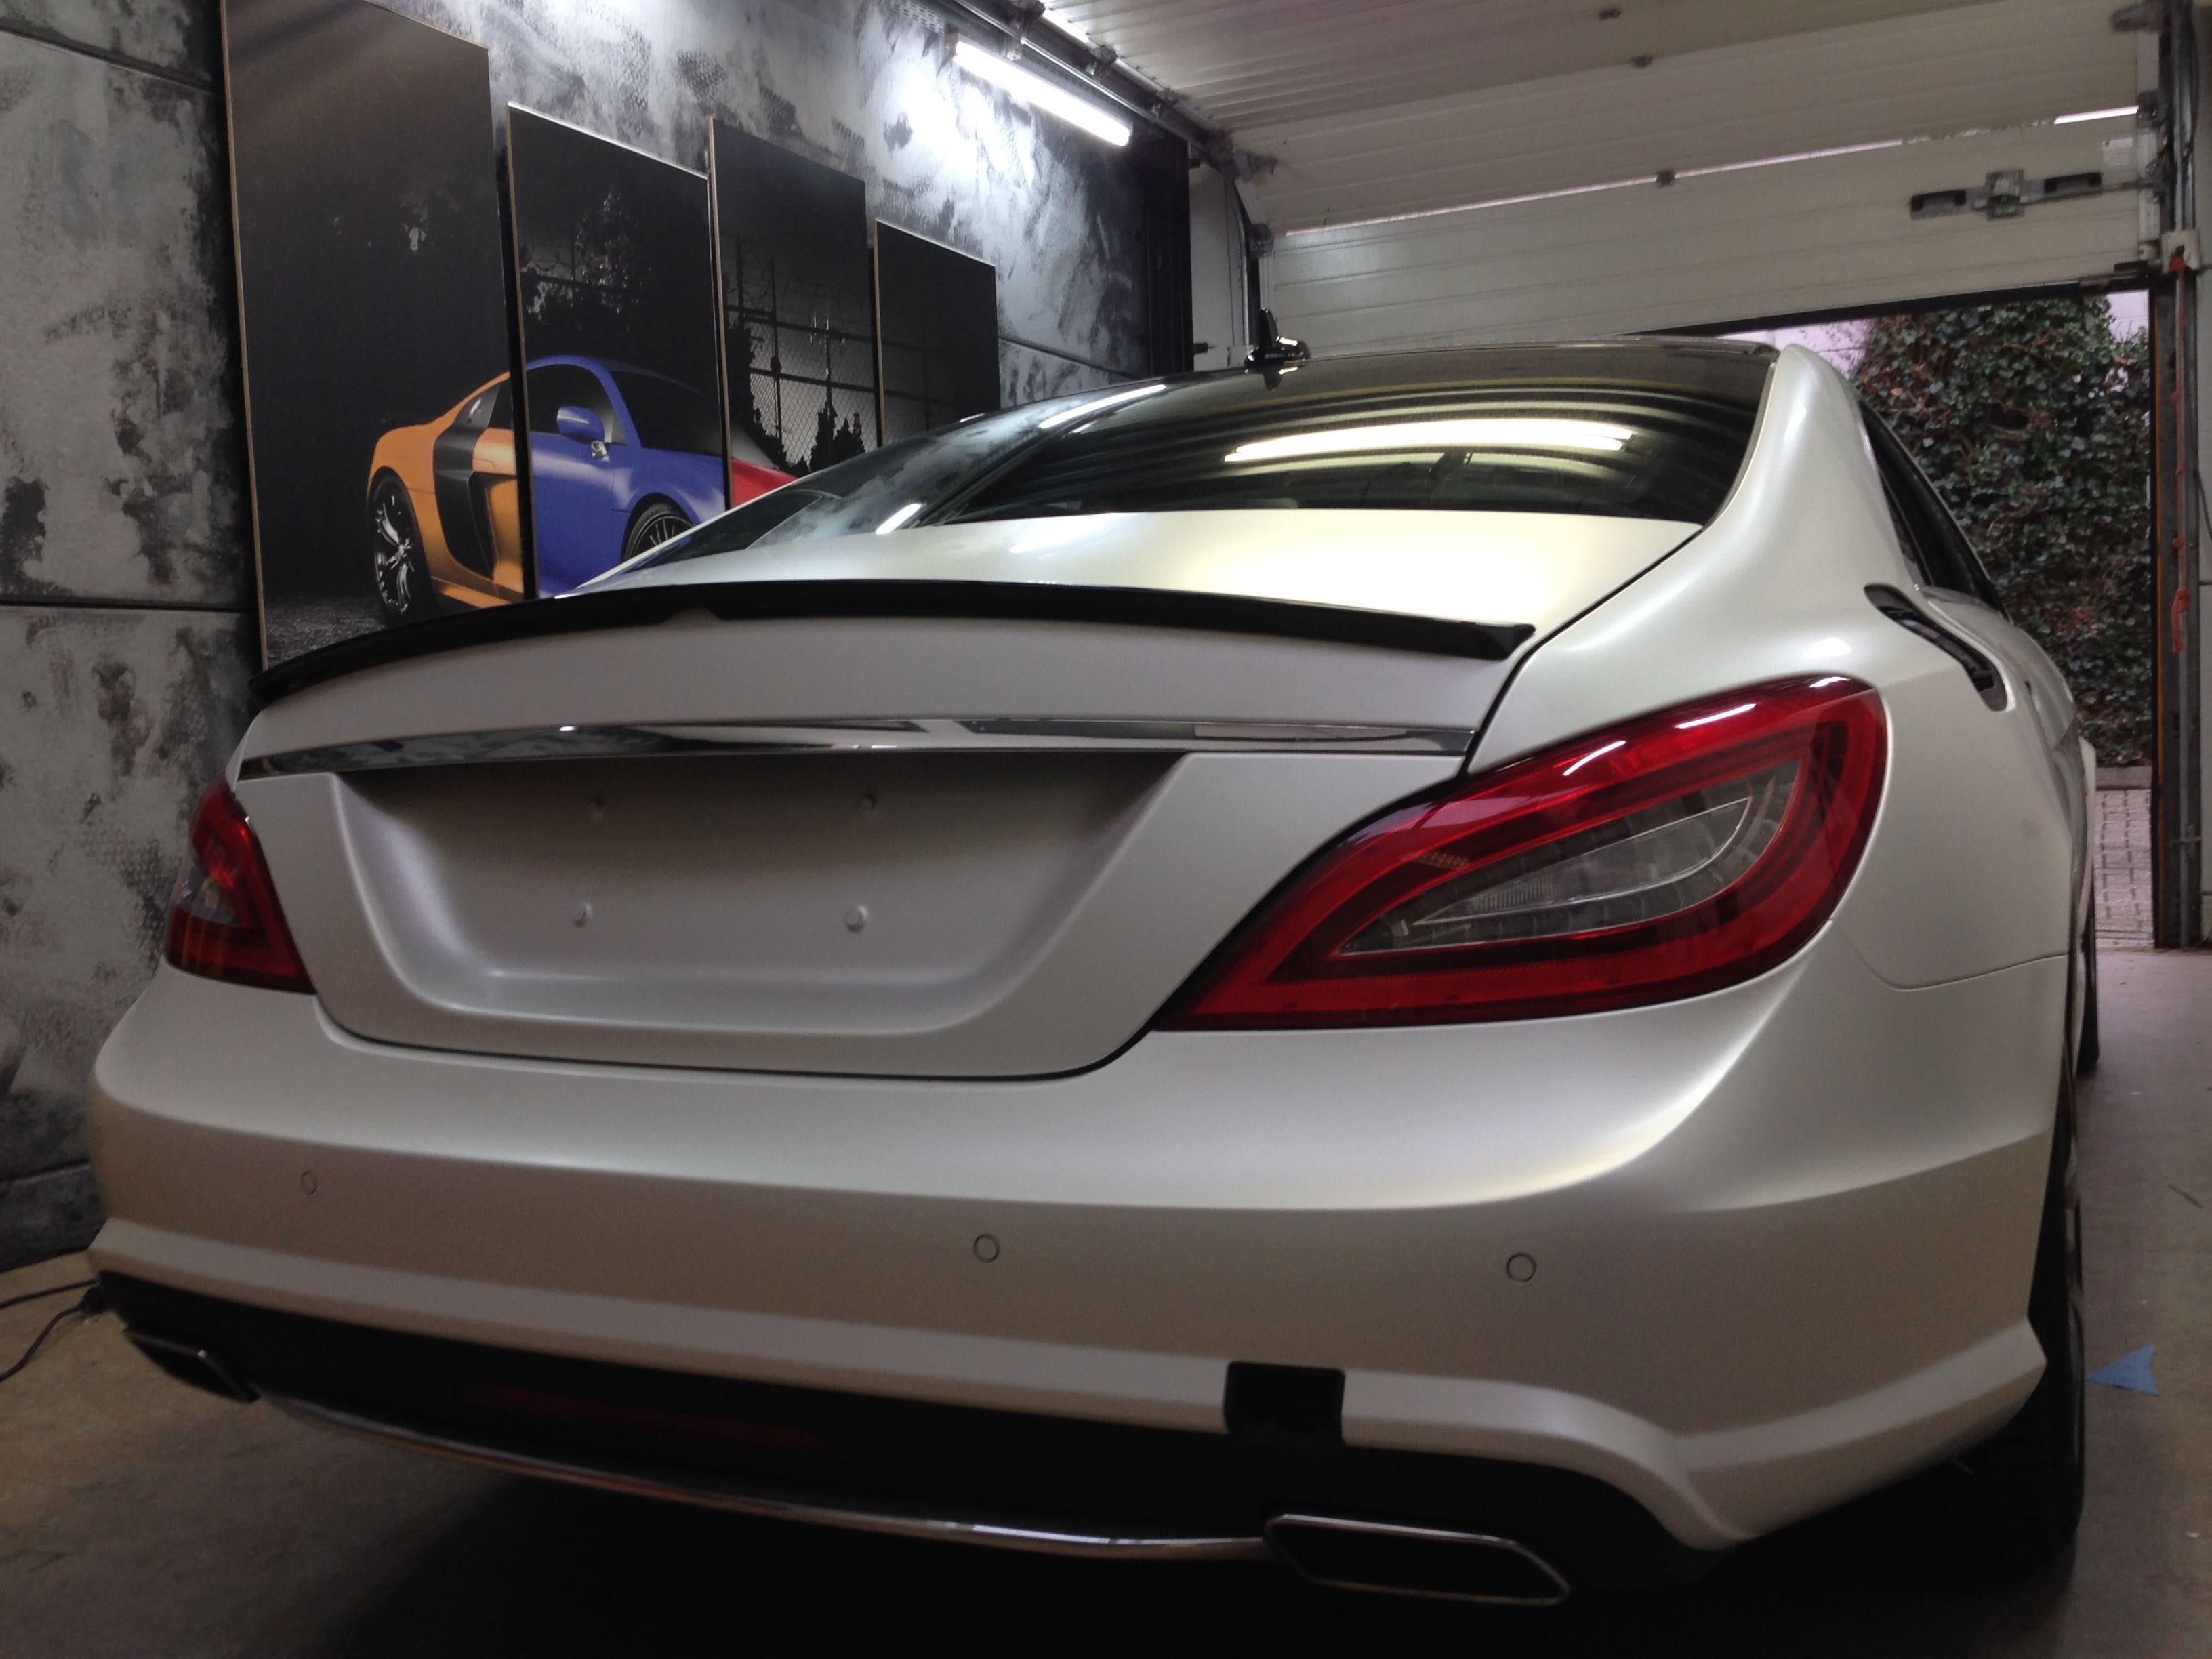 Mercedes CLS met White Satin Pearl Wrap, Carwrapping door Wrapmyride.nu Foto-nr:6185, ©2021